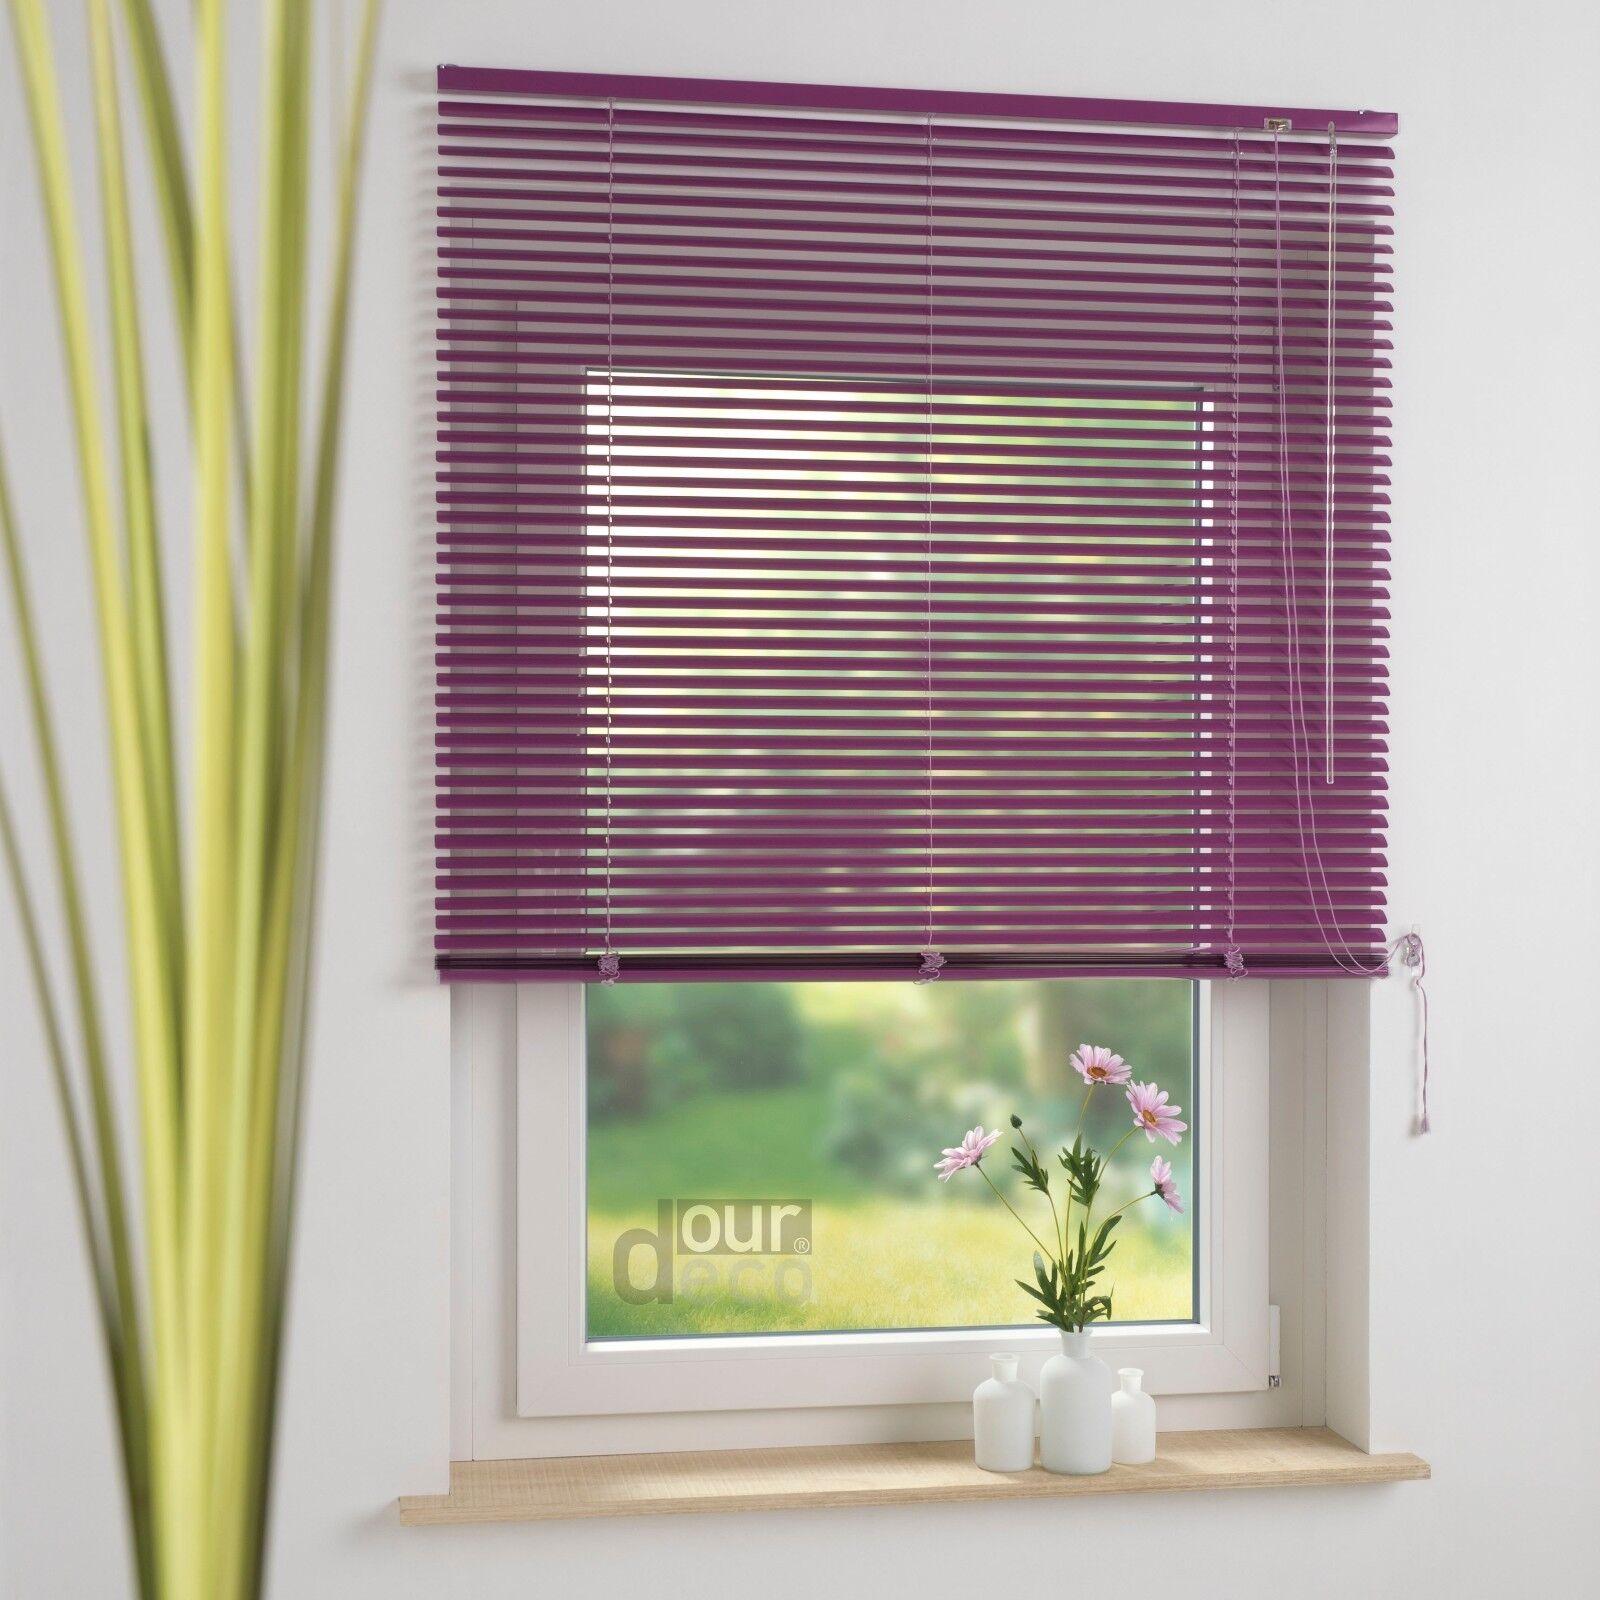 Ourdeco® Aluminium-Jalousie Fenster Rollo Jalousette Auszugslänge 220 cm flieder flieder flieder 2cdf6b